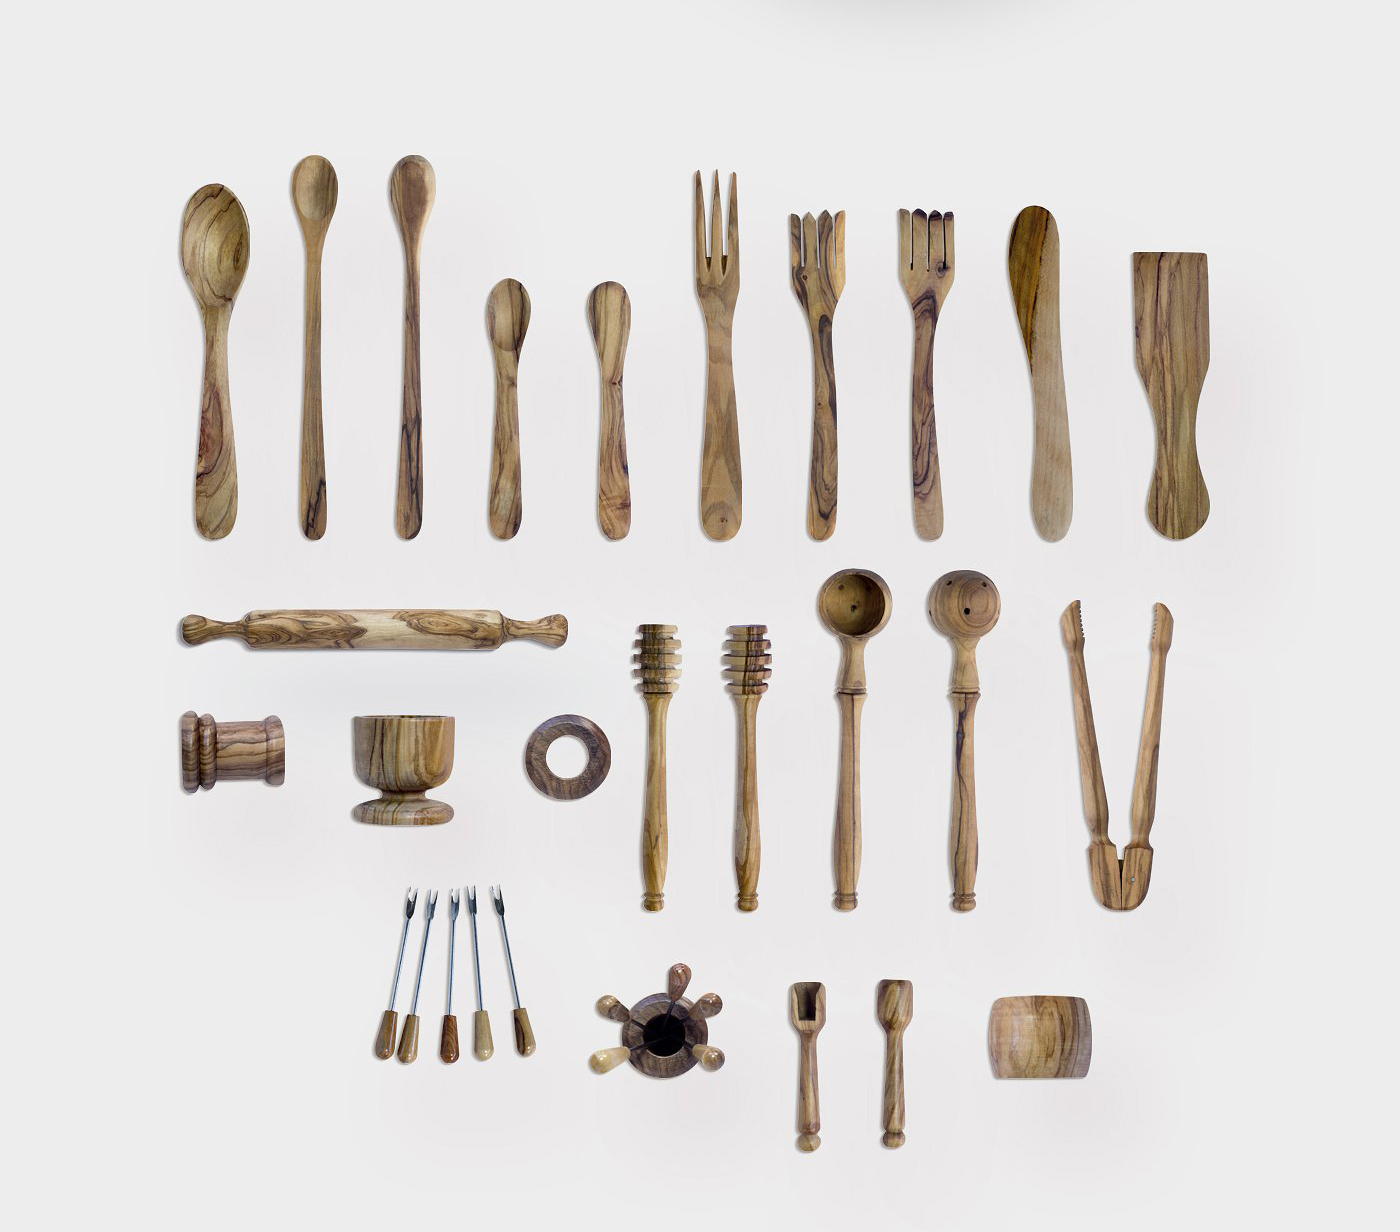 5.98G 餐饮品牌设计提案橄榄木木质餐具展示样机 Olive Wood Mock-Up Scene Generator插图(3)